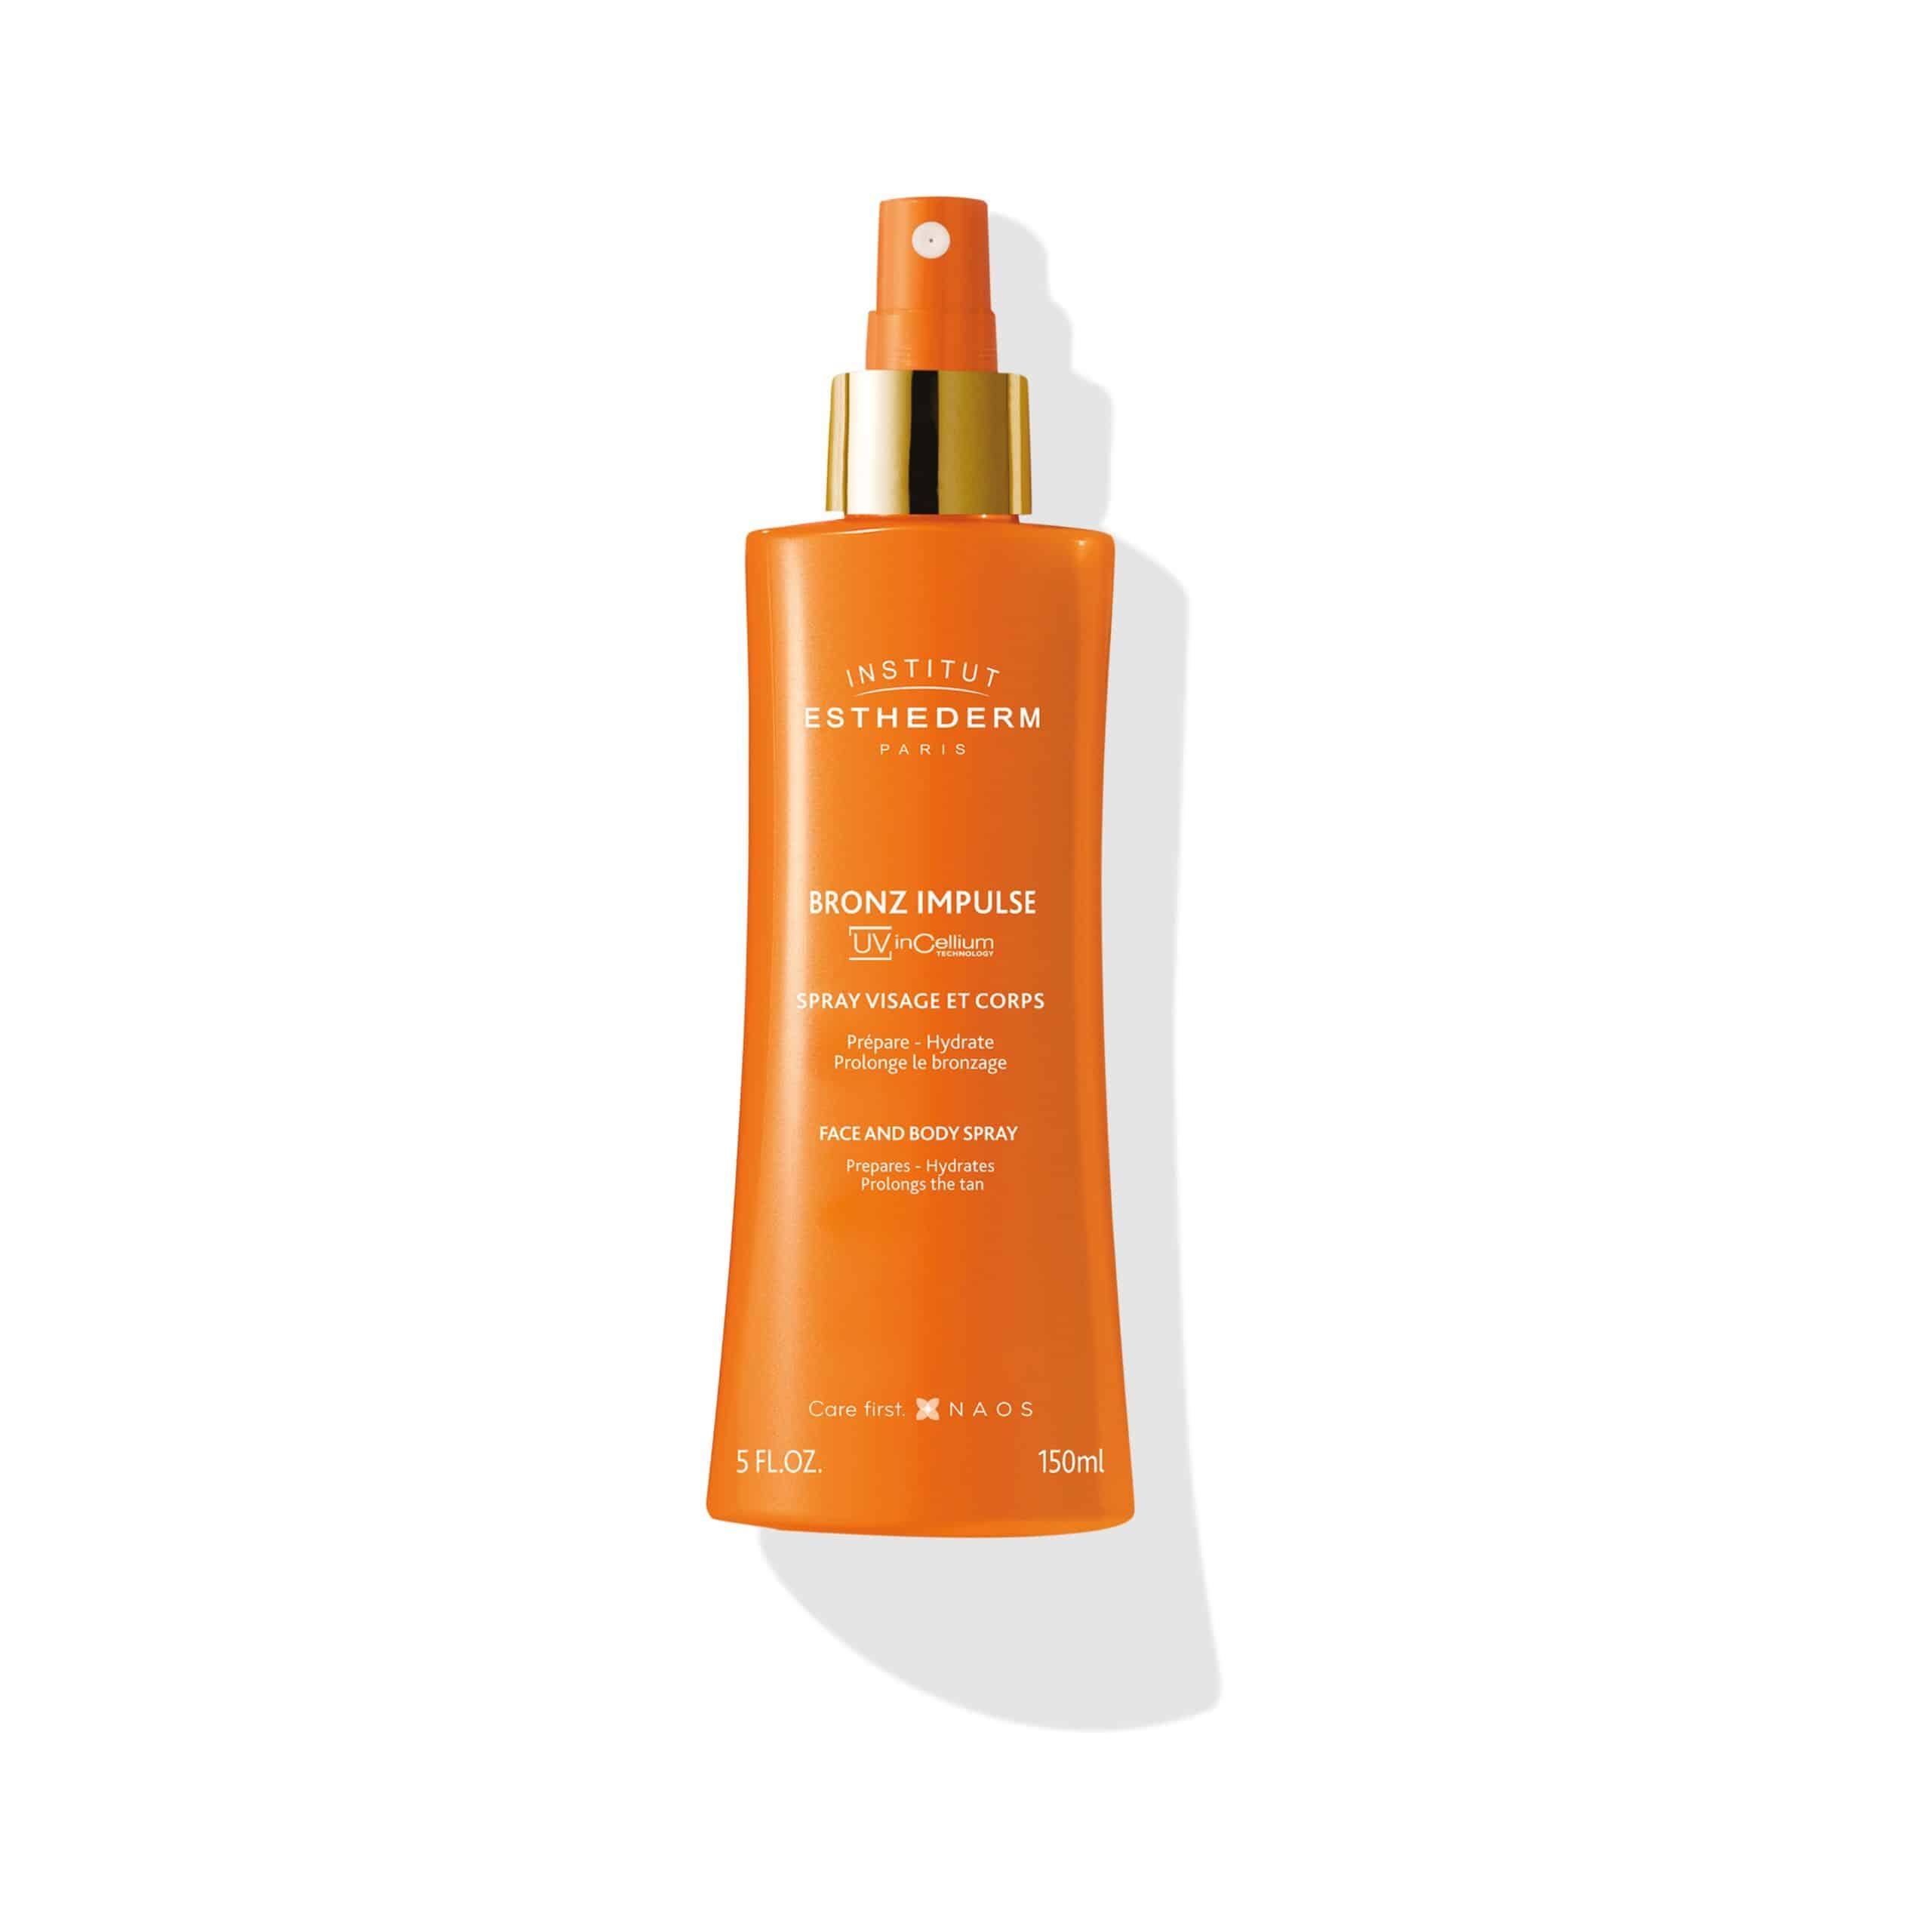 ESTHEDERM photo produit, Bronz Impulse Spray 150ml, brume visage et corps, bronzage rapide, éclat longue durée, préparation